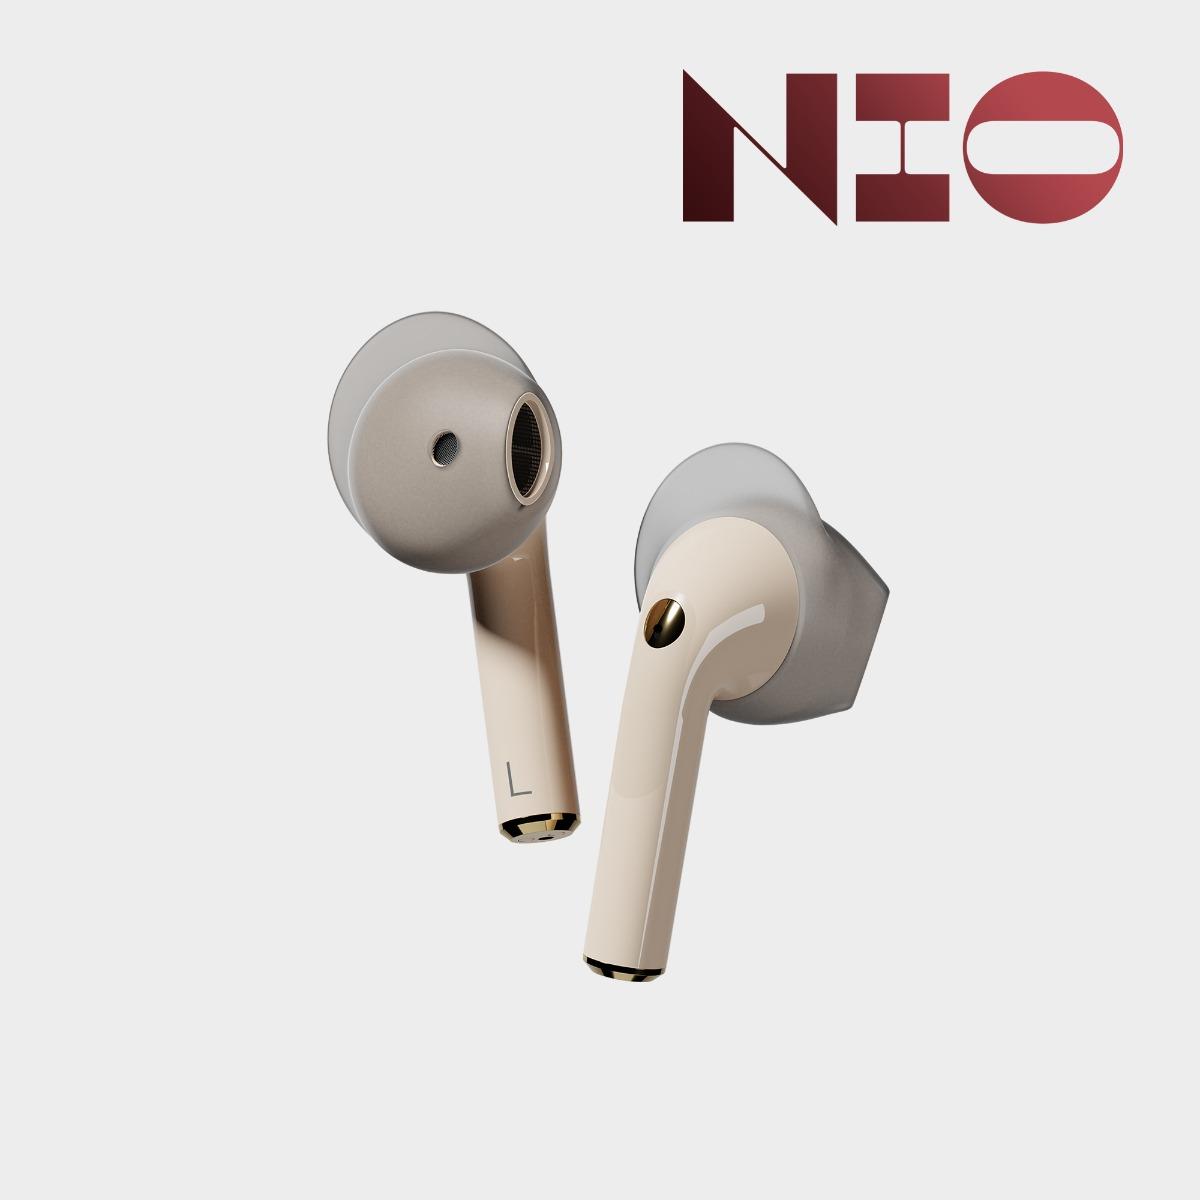 Sudio Ett 入耳式耳机 蓝牙耳机 无线 IPX5 主动降噪功能